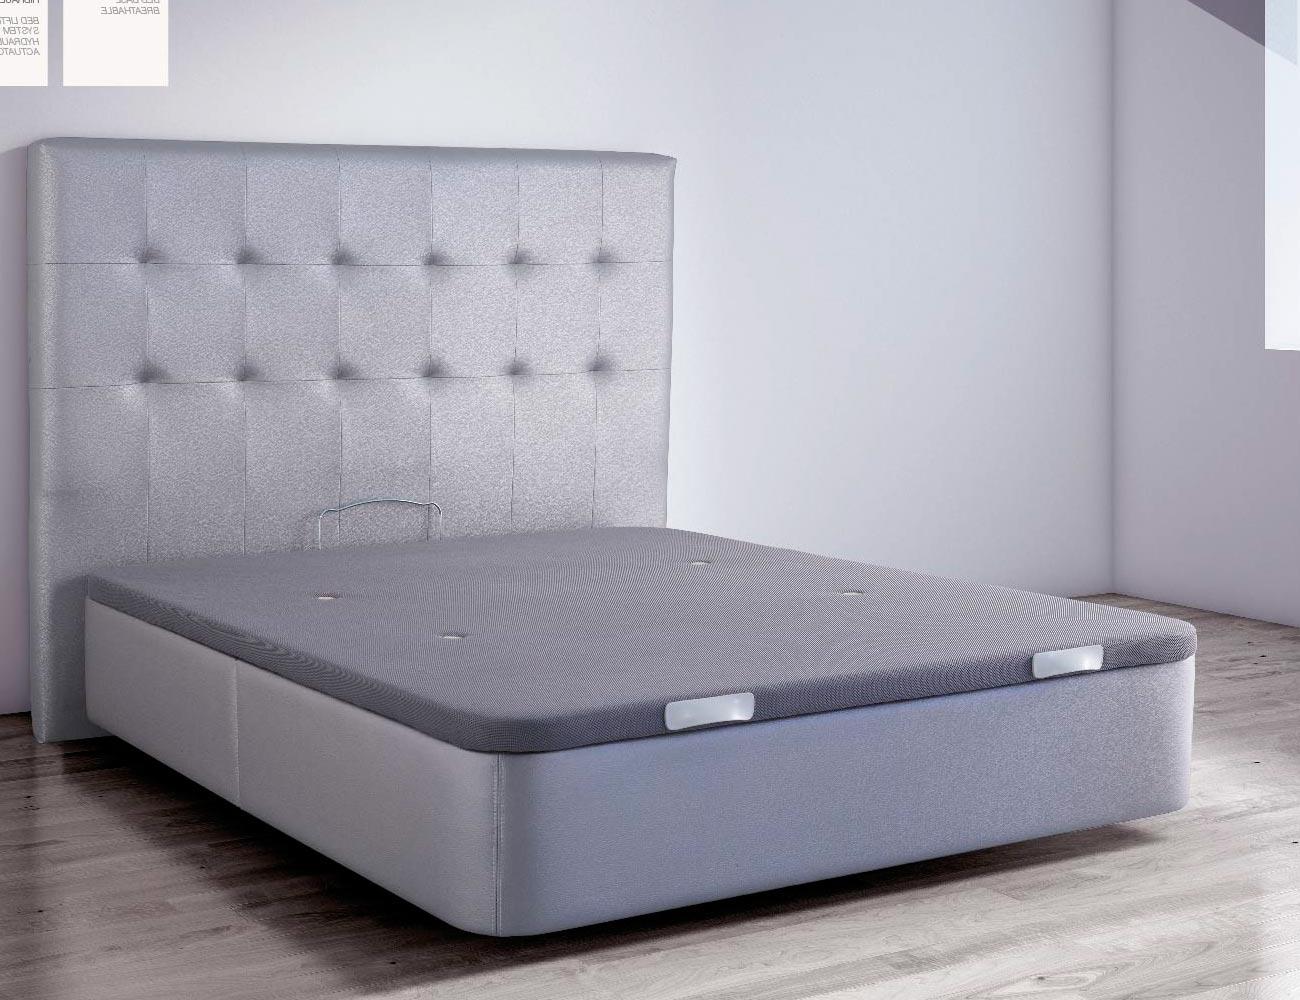 Canape polipiel tapa 3d gris plata tpl2